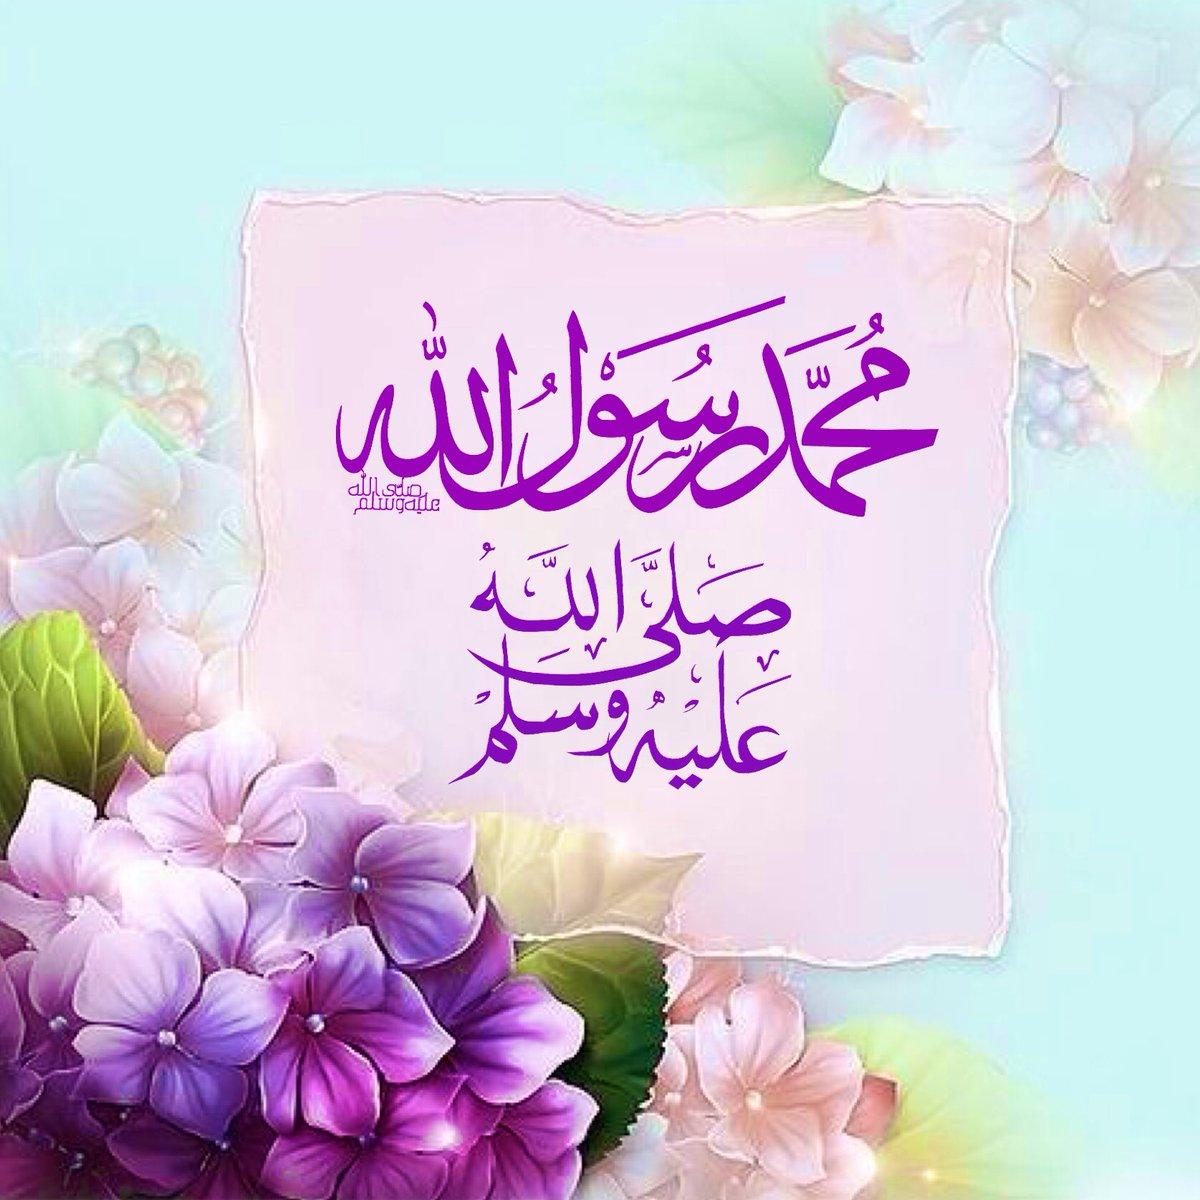 صورة صور اسلاميه دينيه , اسلاميات وادعية مميزة